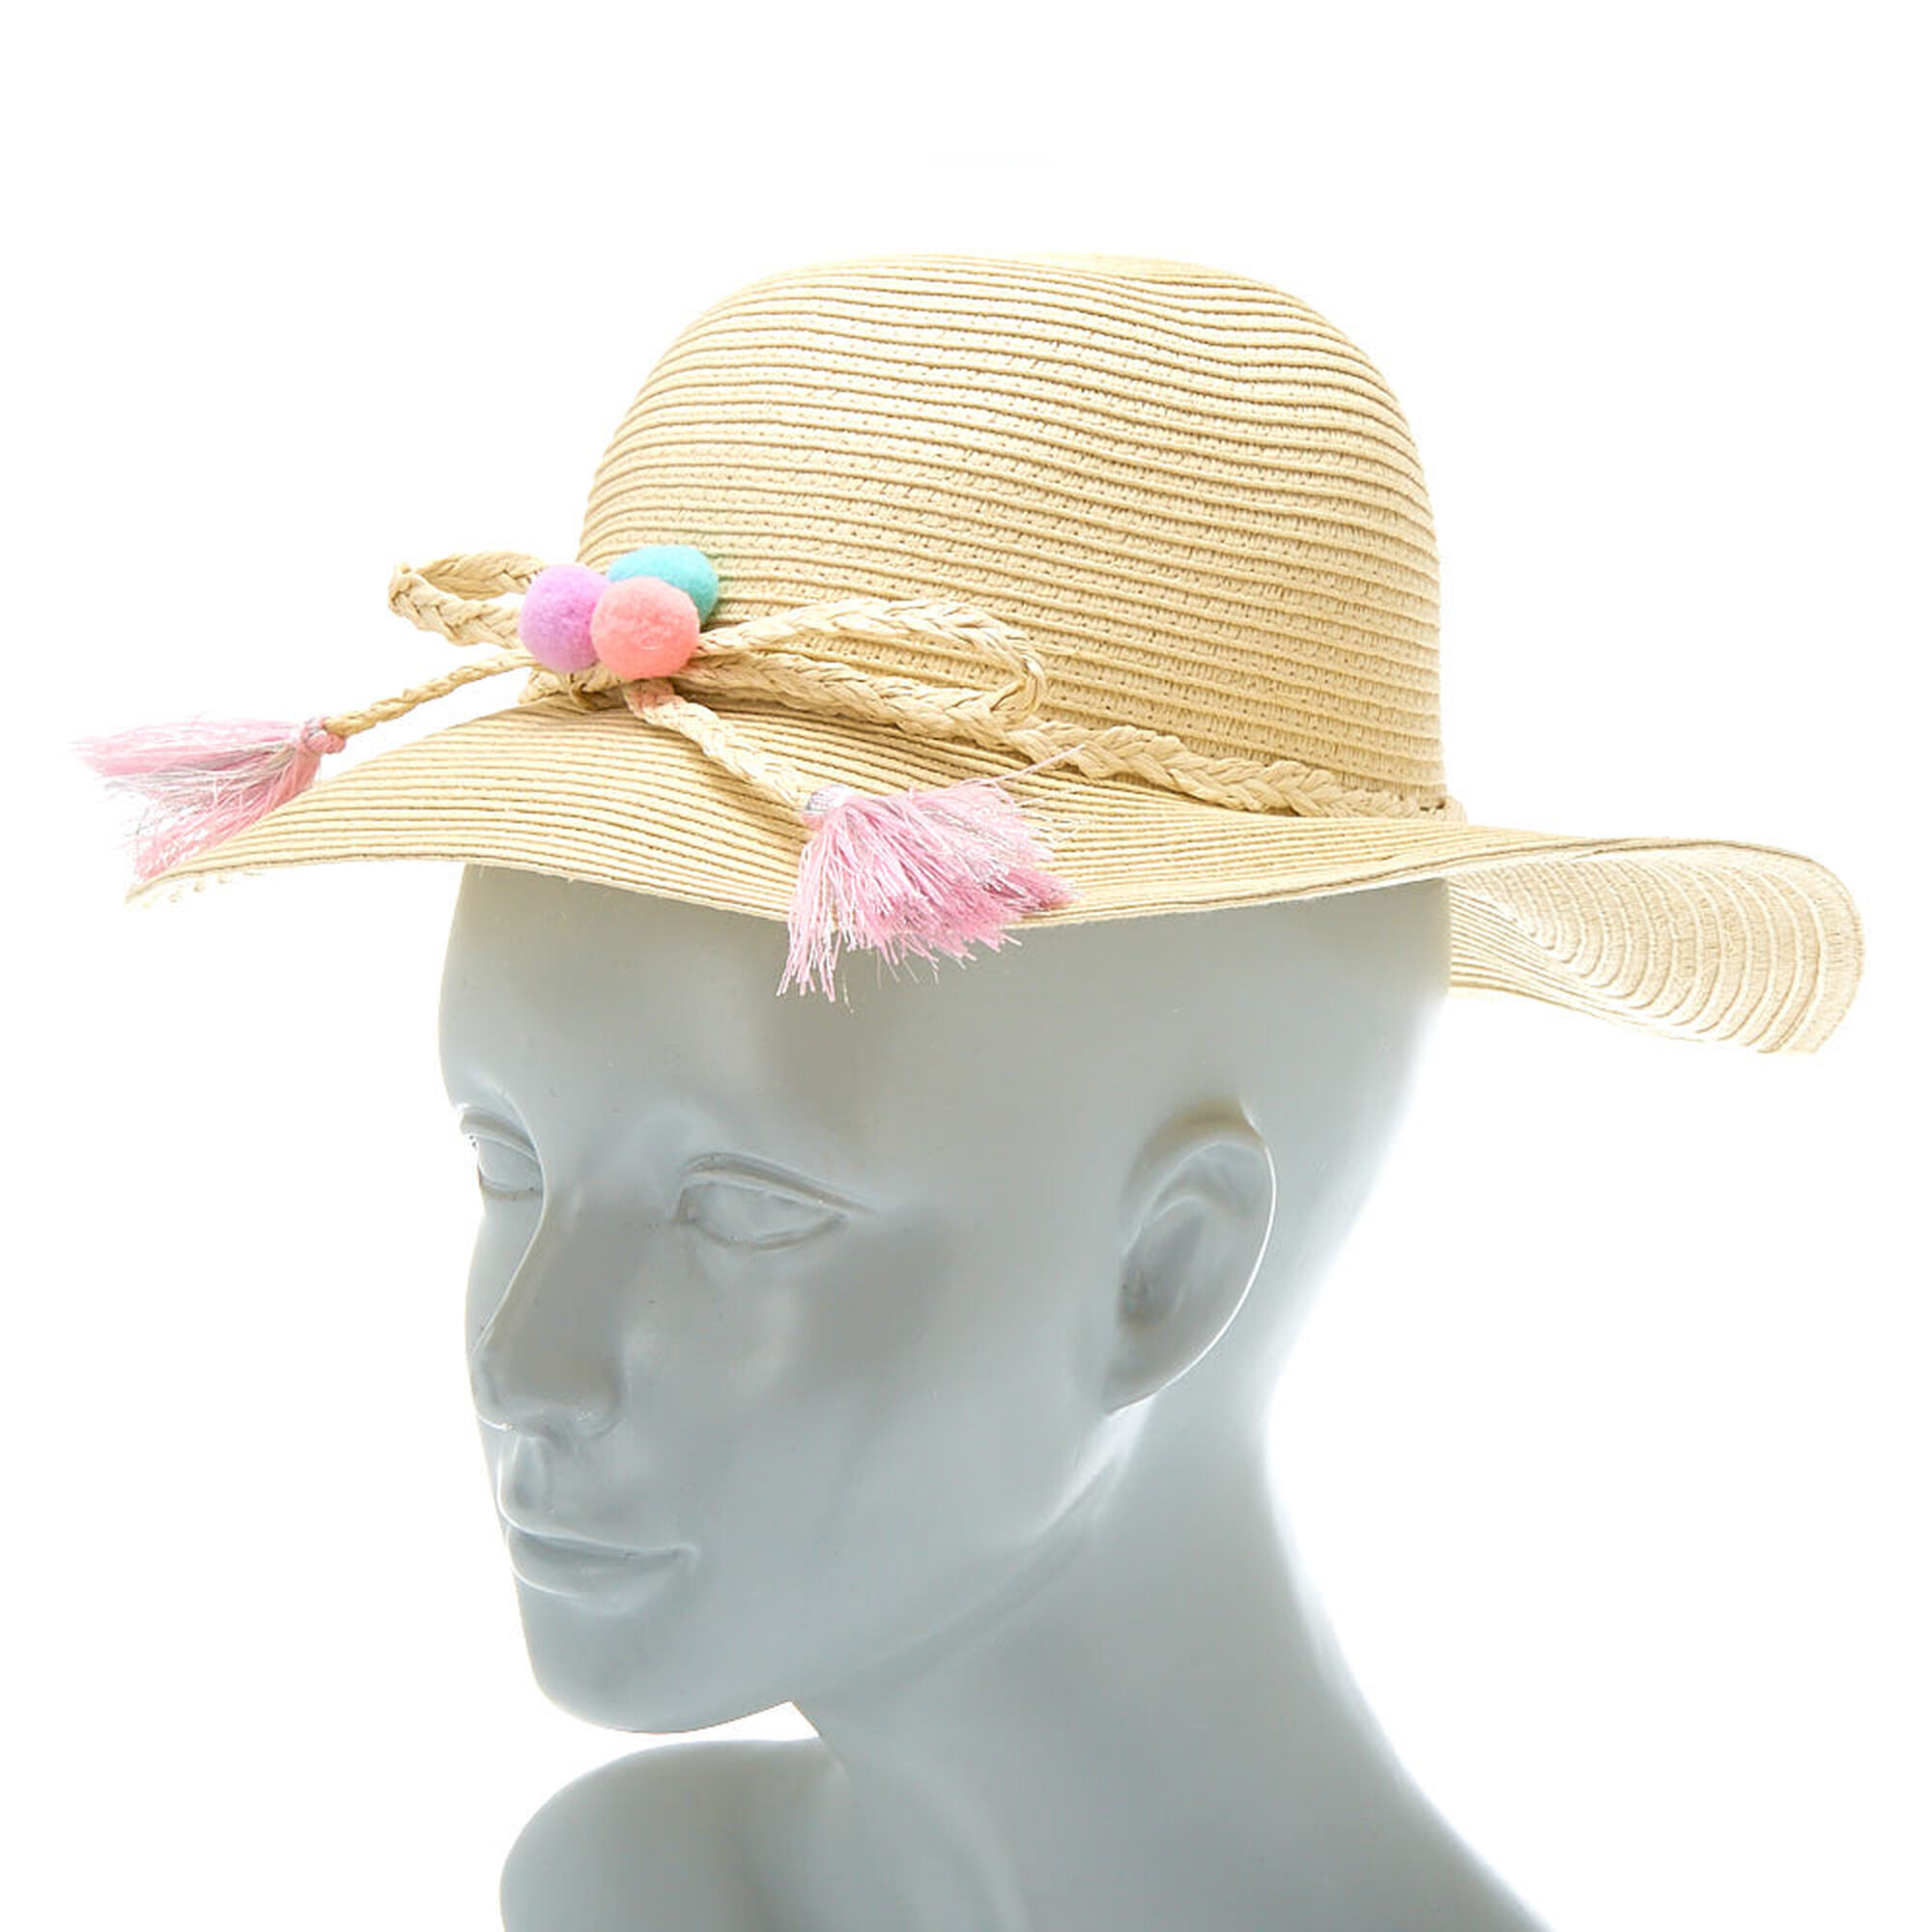 cf9d5ae17ed24 ... Claire  39 s Club Pom Pom Floppy Straw Hat - Tan